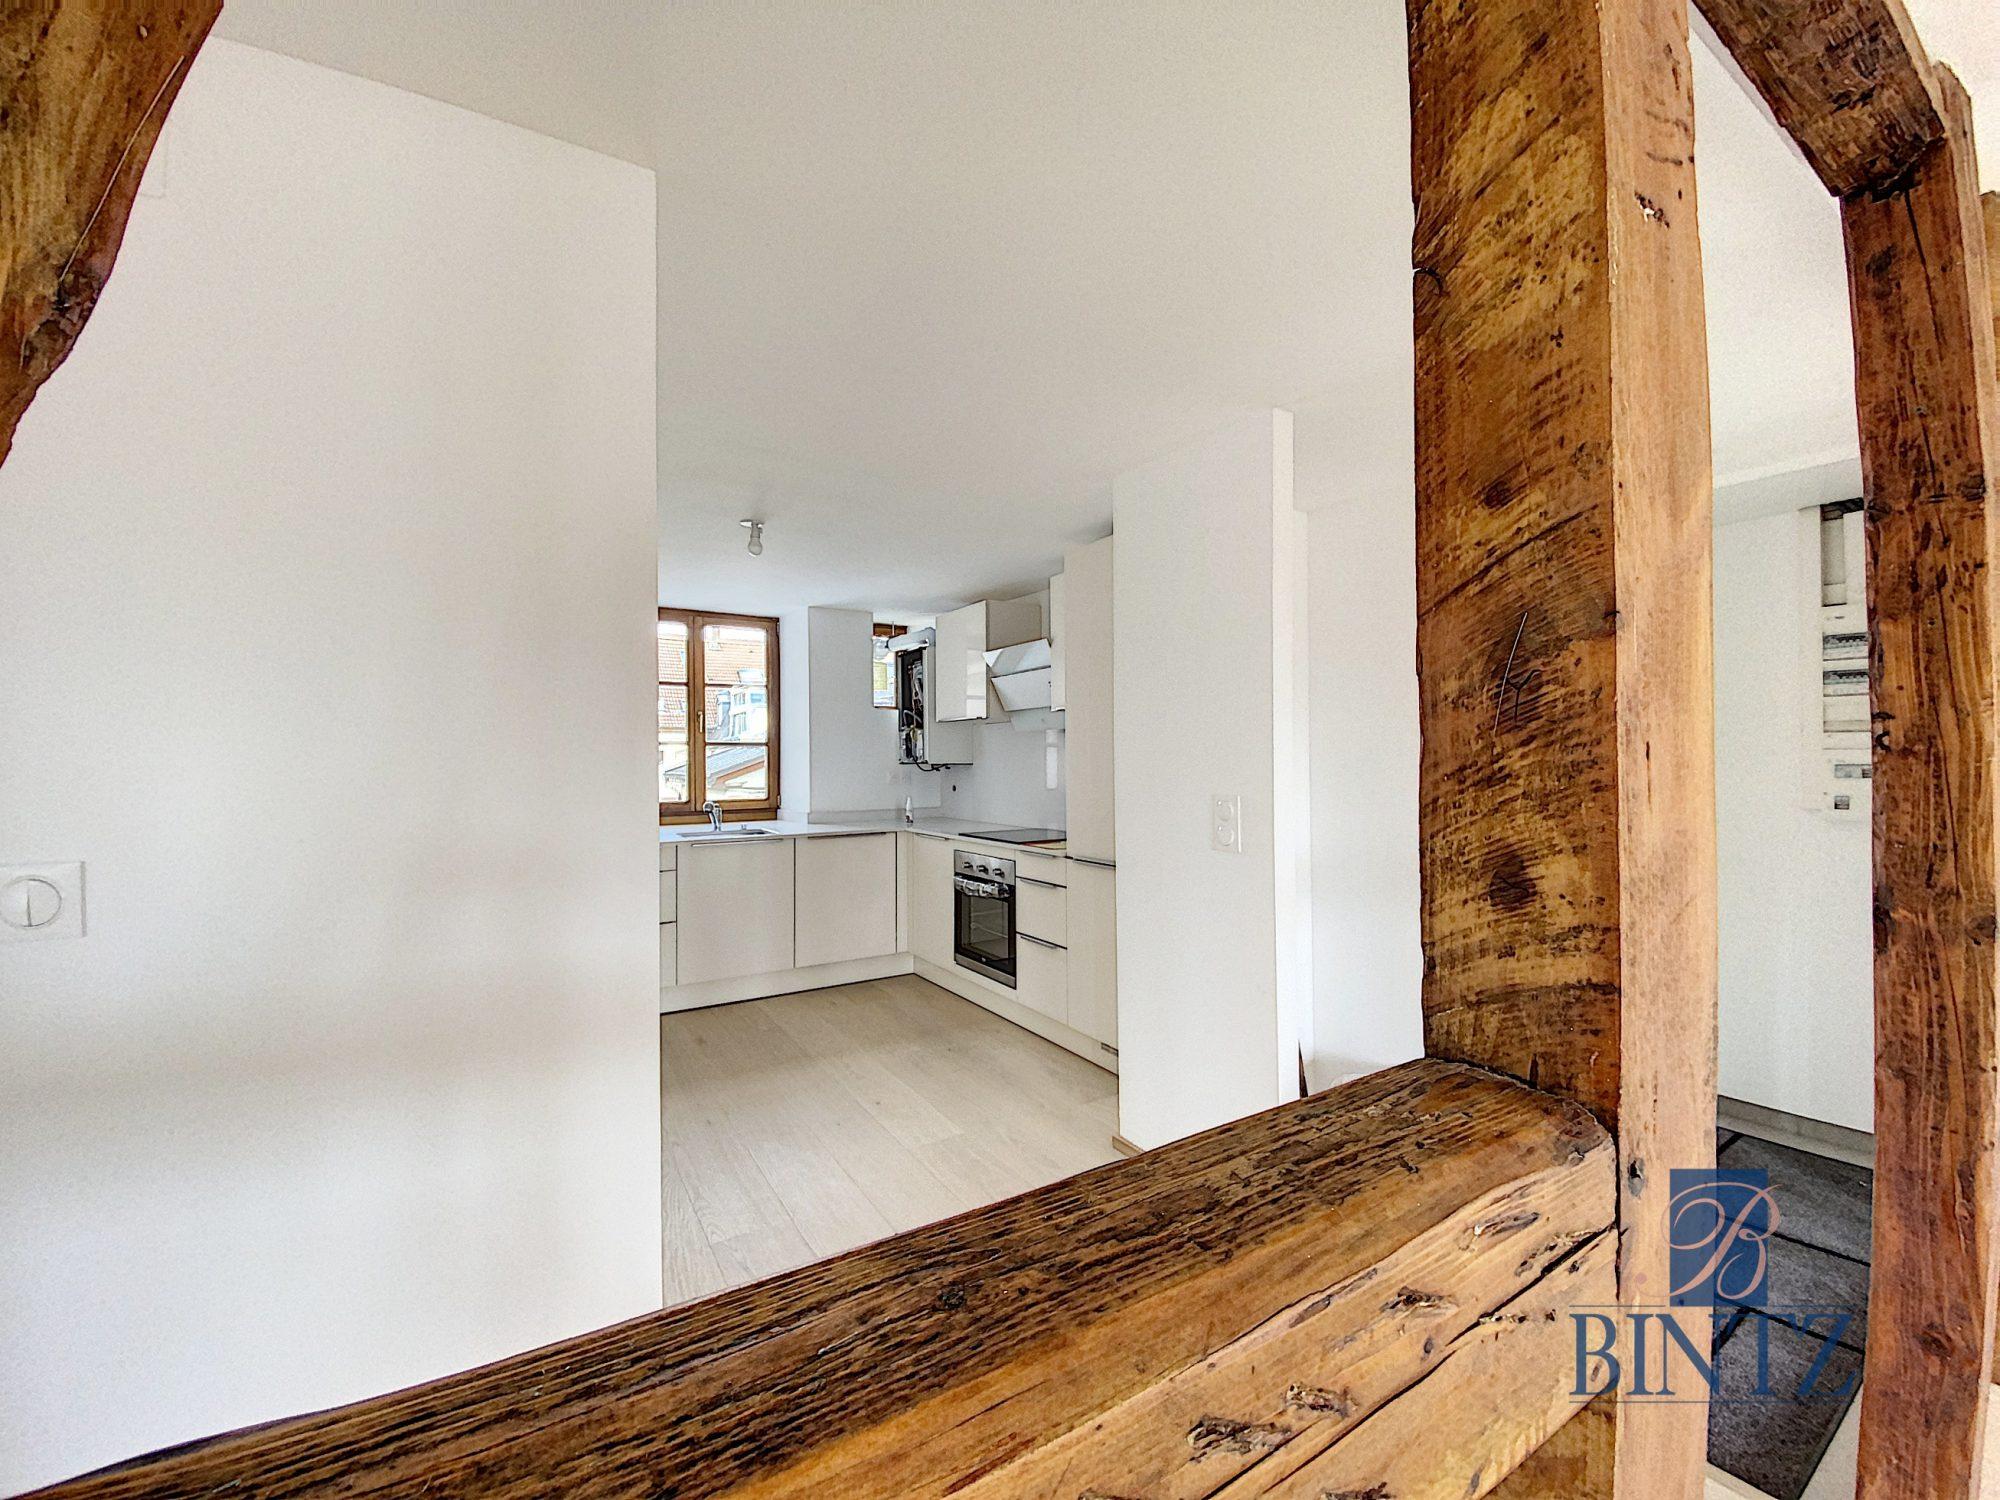 4 pièces refait à neuf quartier Gare - Devenez locataire en toute sérénité - Bintz Immobilier - 7